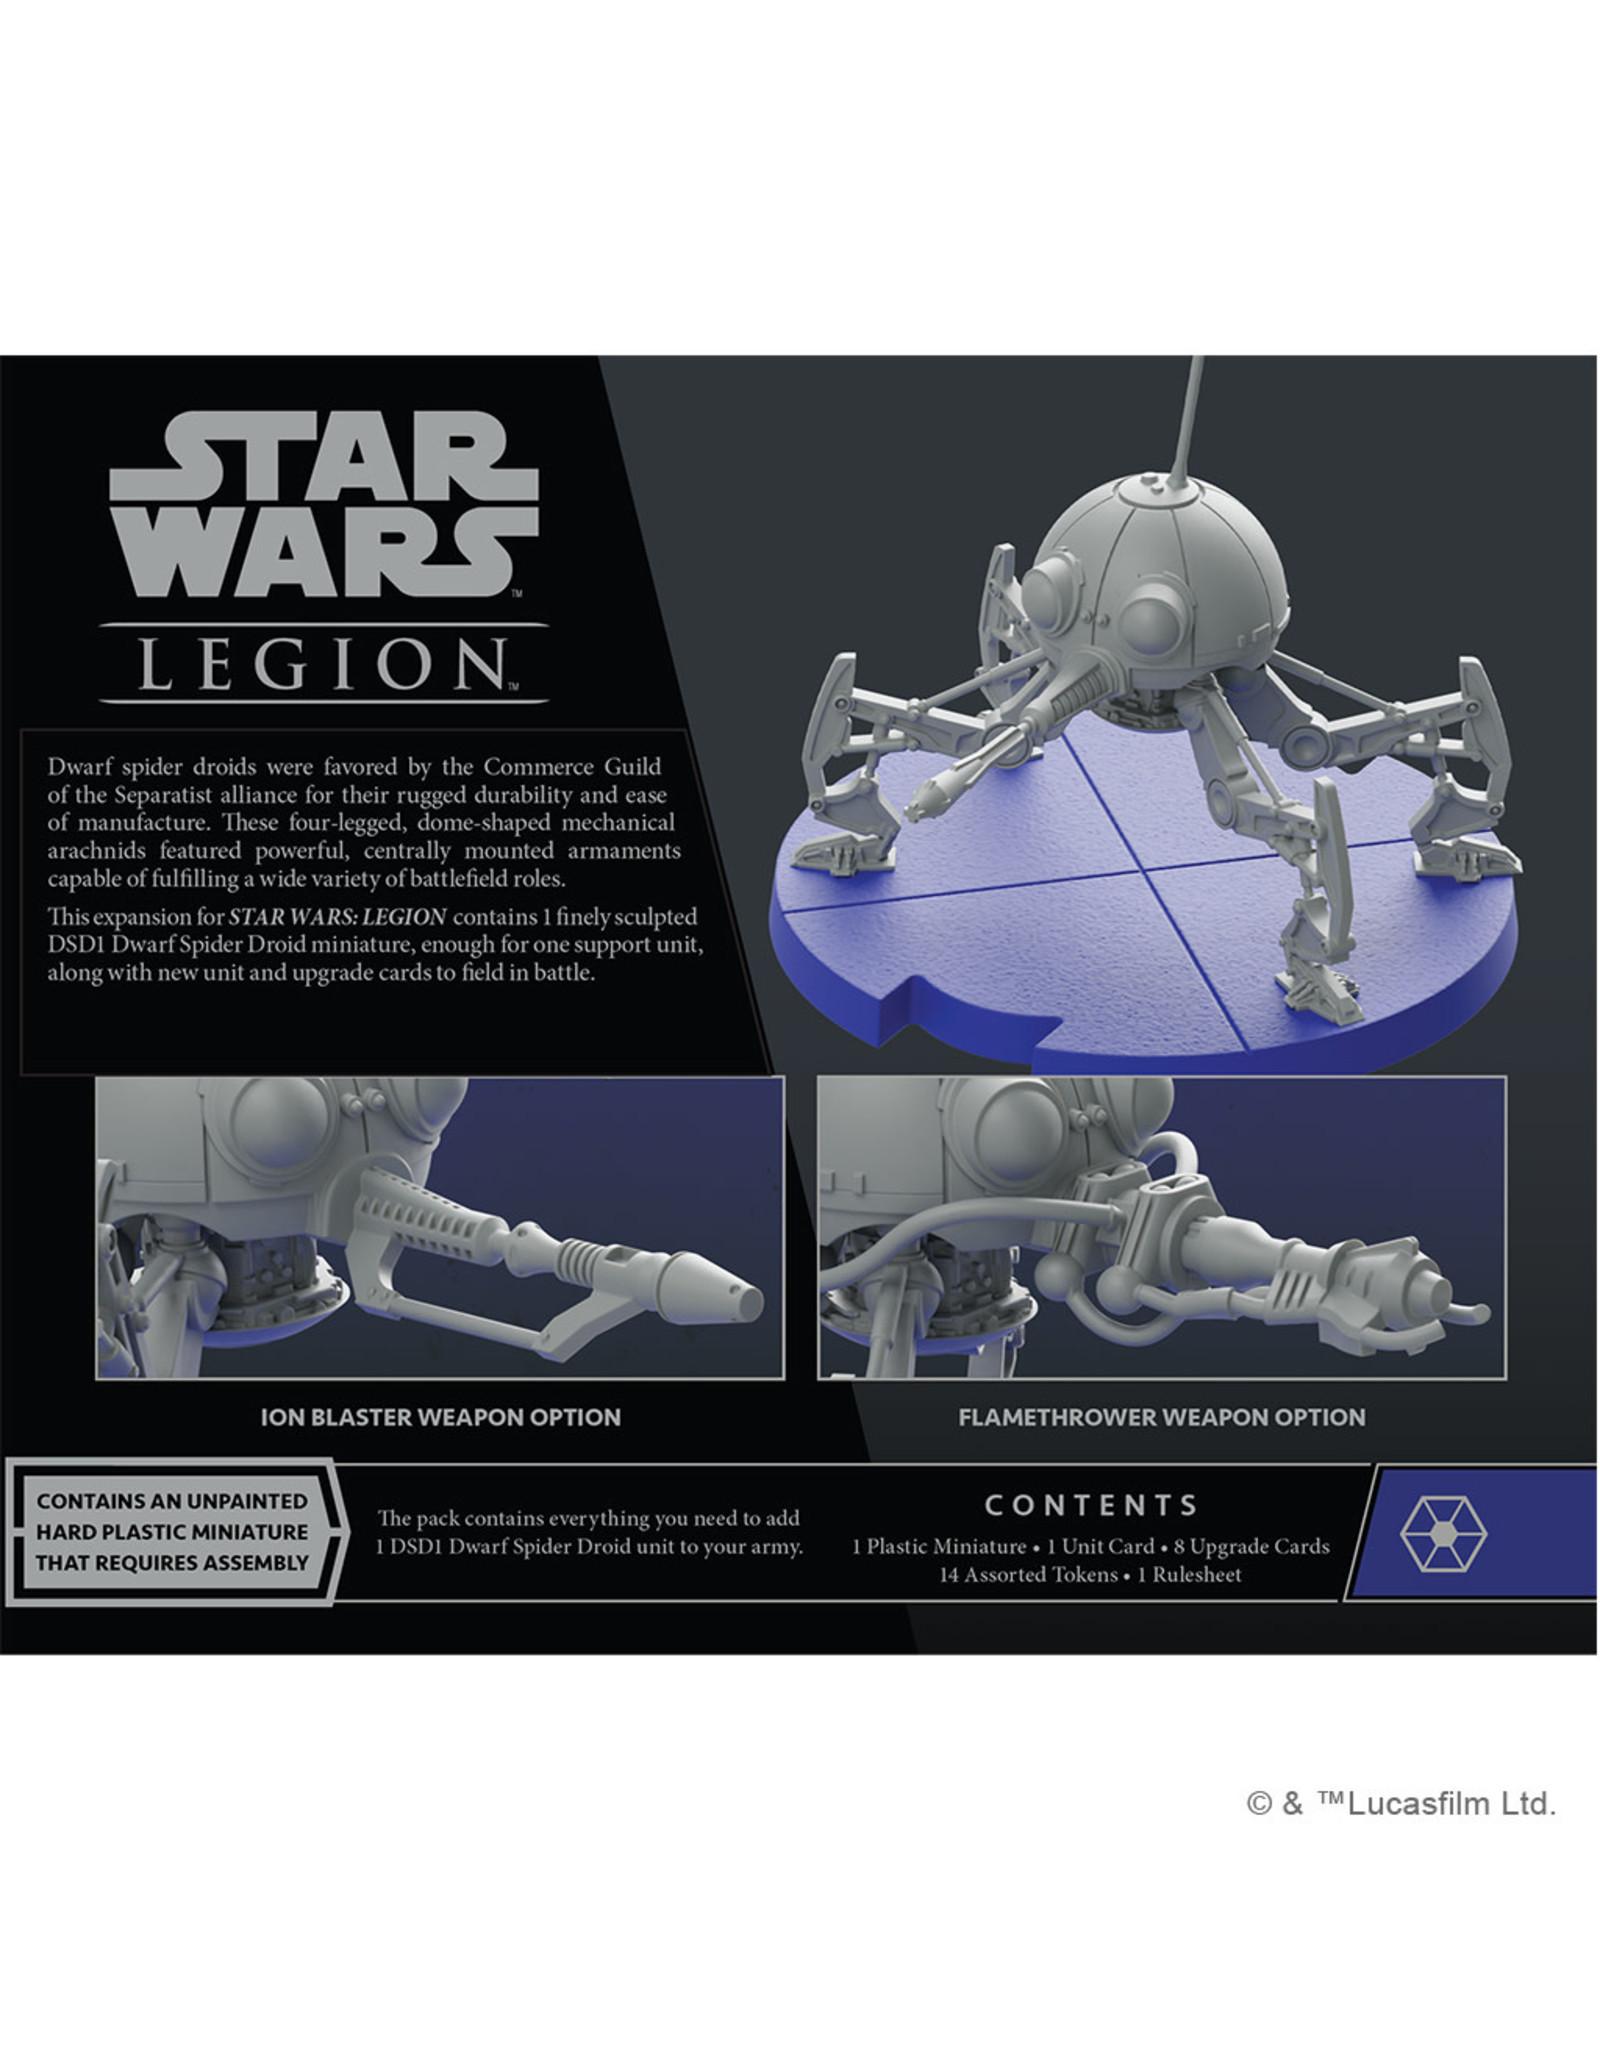 Atomic Mass Games Star Wars Legion - DSD1 Dwarf Spider Droid Unit Expansion